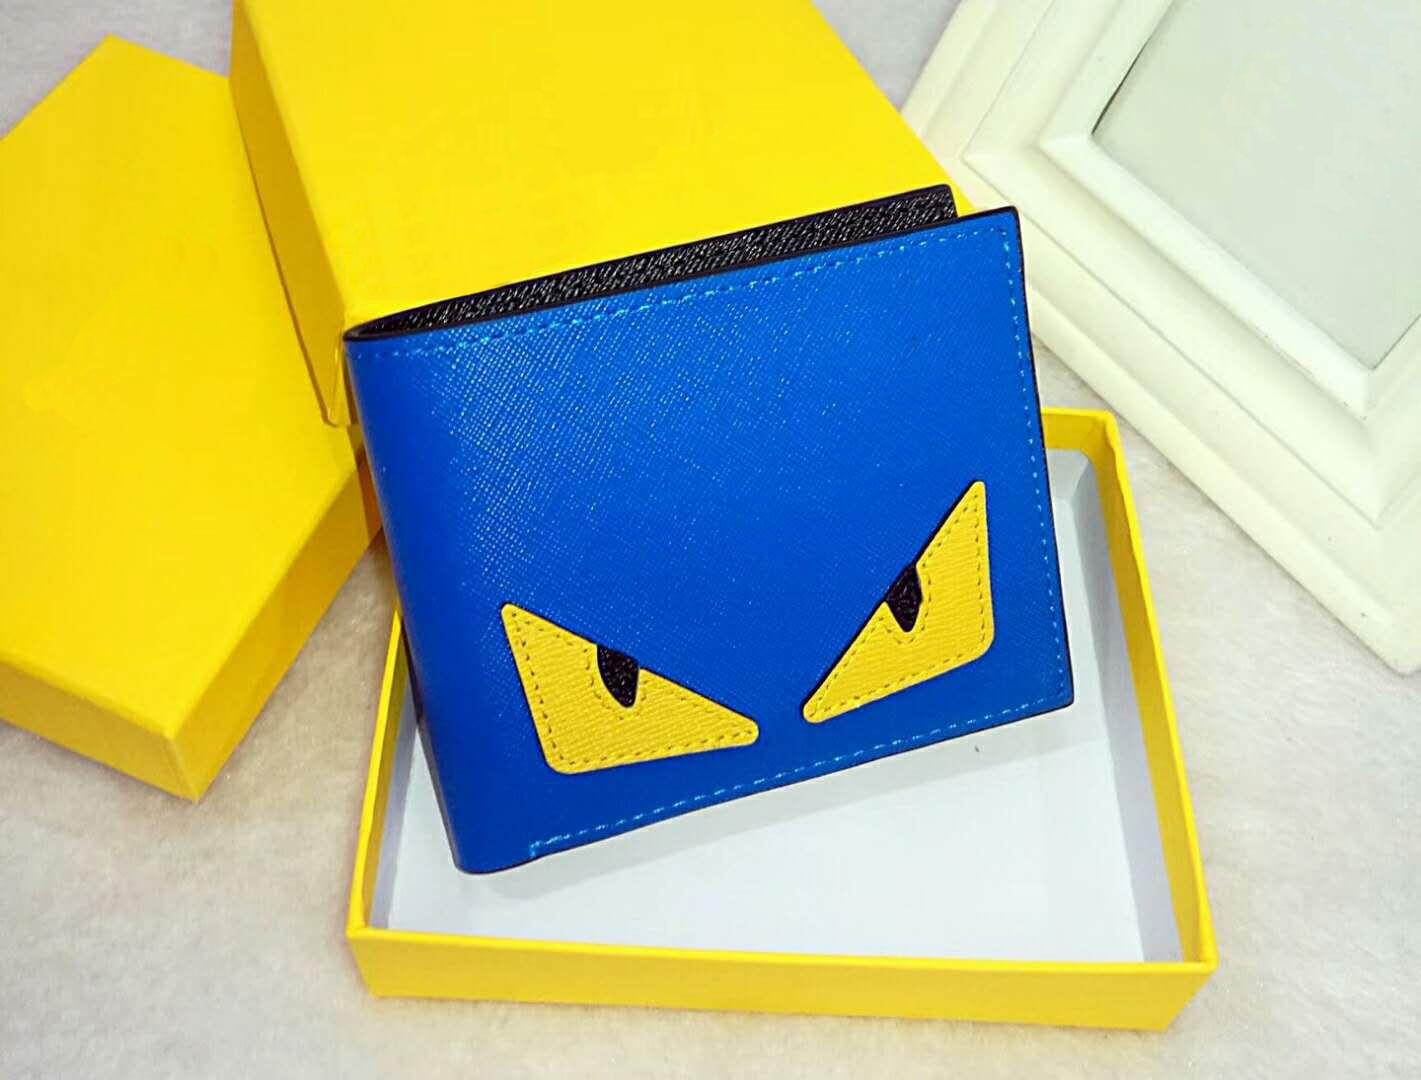 Portafoglio di alta qualità in pelle pu moda portafoglio da uomo portafoglio portafogli da uomo in stile europeo portamonete con scatola con scatola